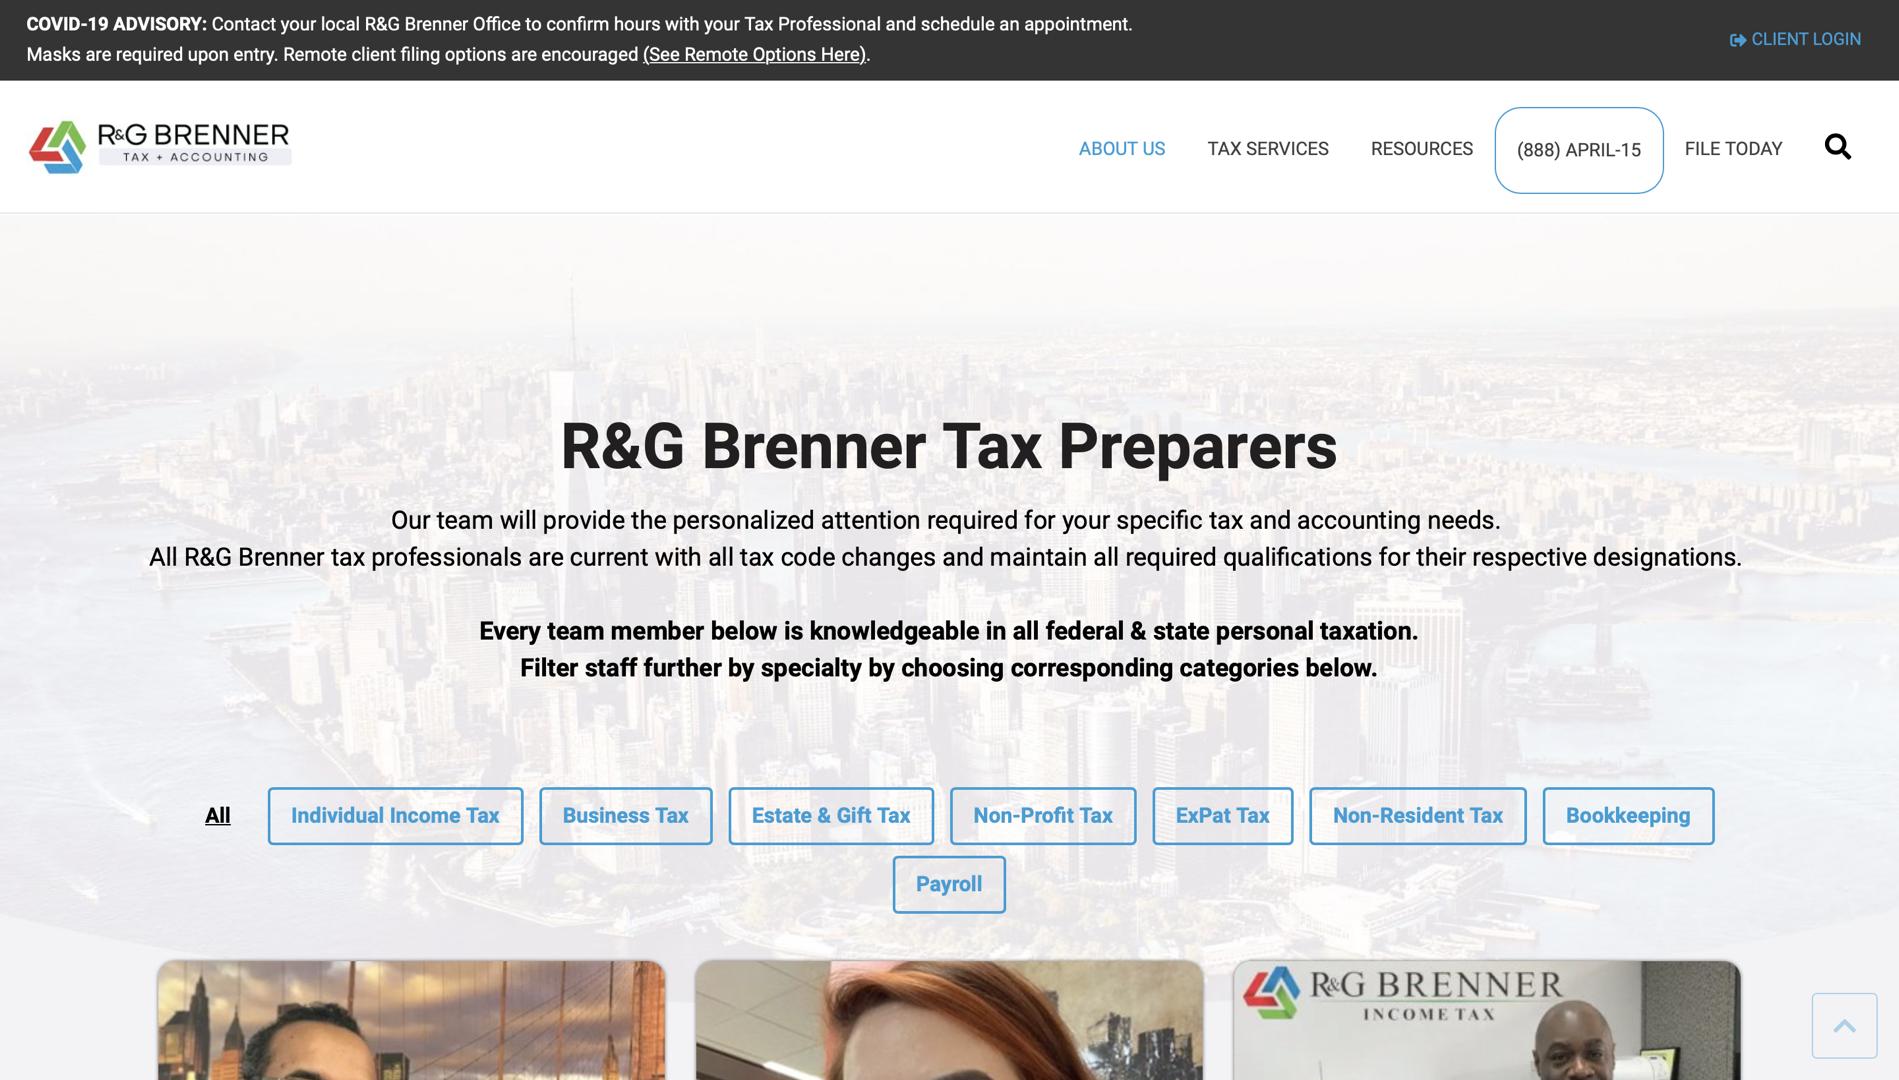 NEW tax preparers page